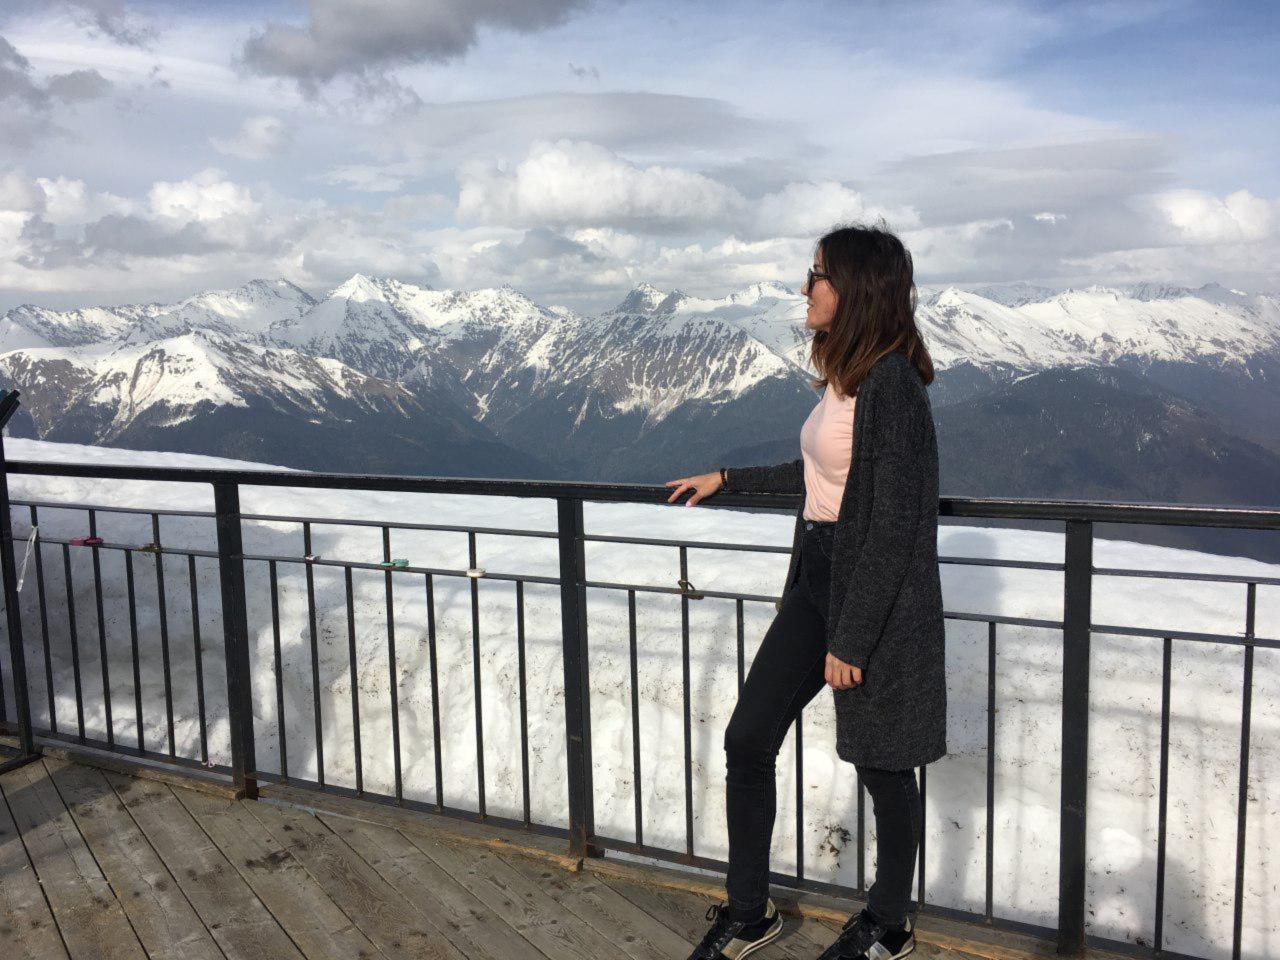 Красная Поляна: знаменитые горнолыжные курорты - индивидуальная экскурсия в Сочи от опытного гида